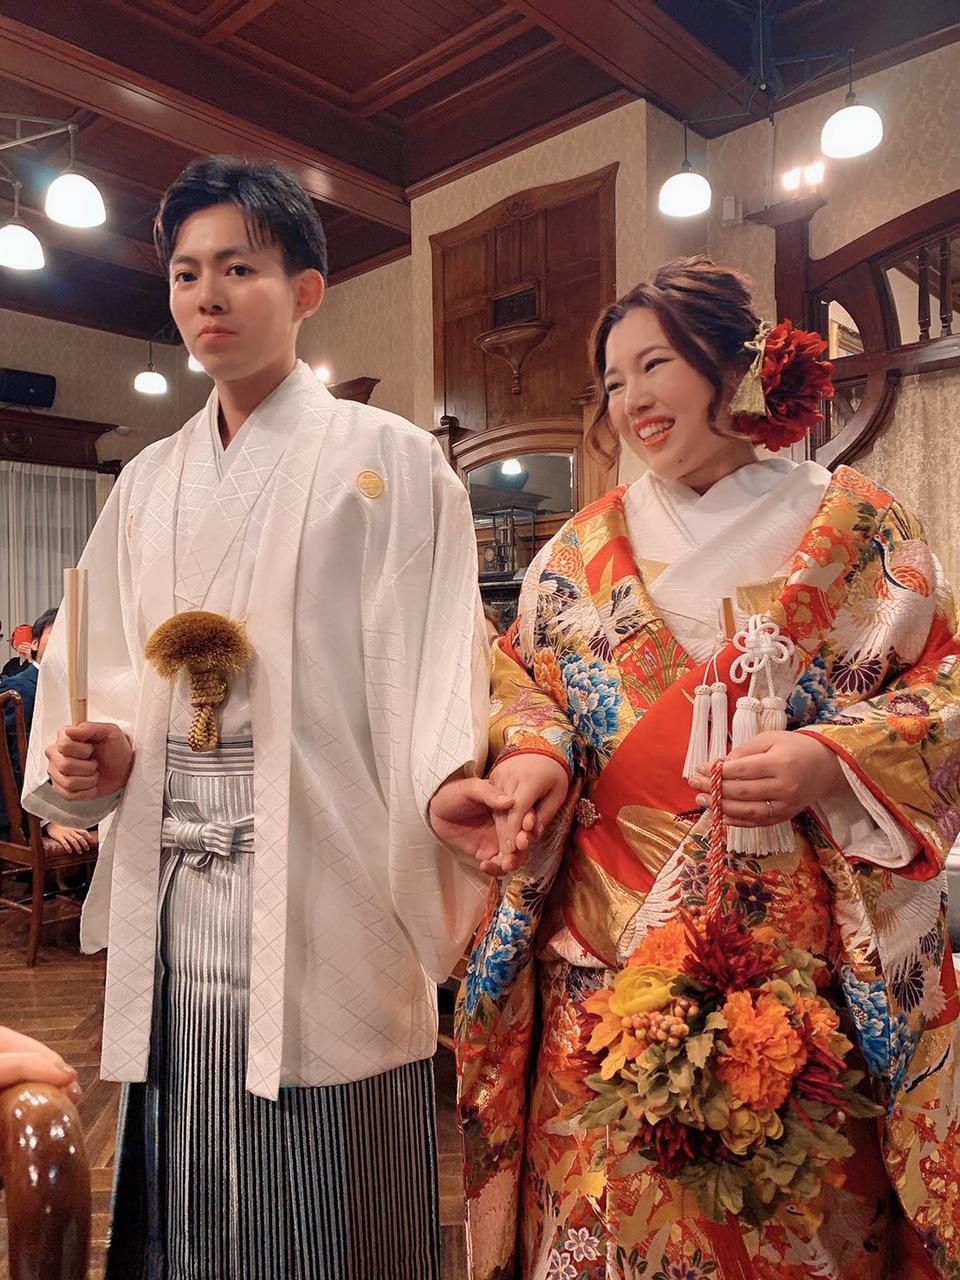 レンタル色打掛とレンタル紋付袴